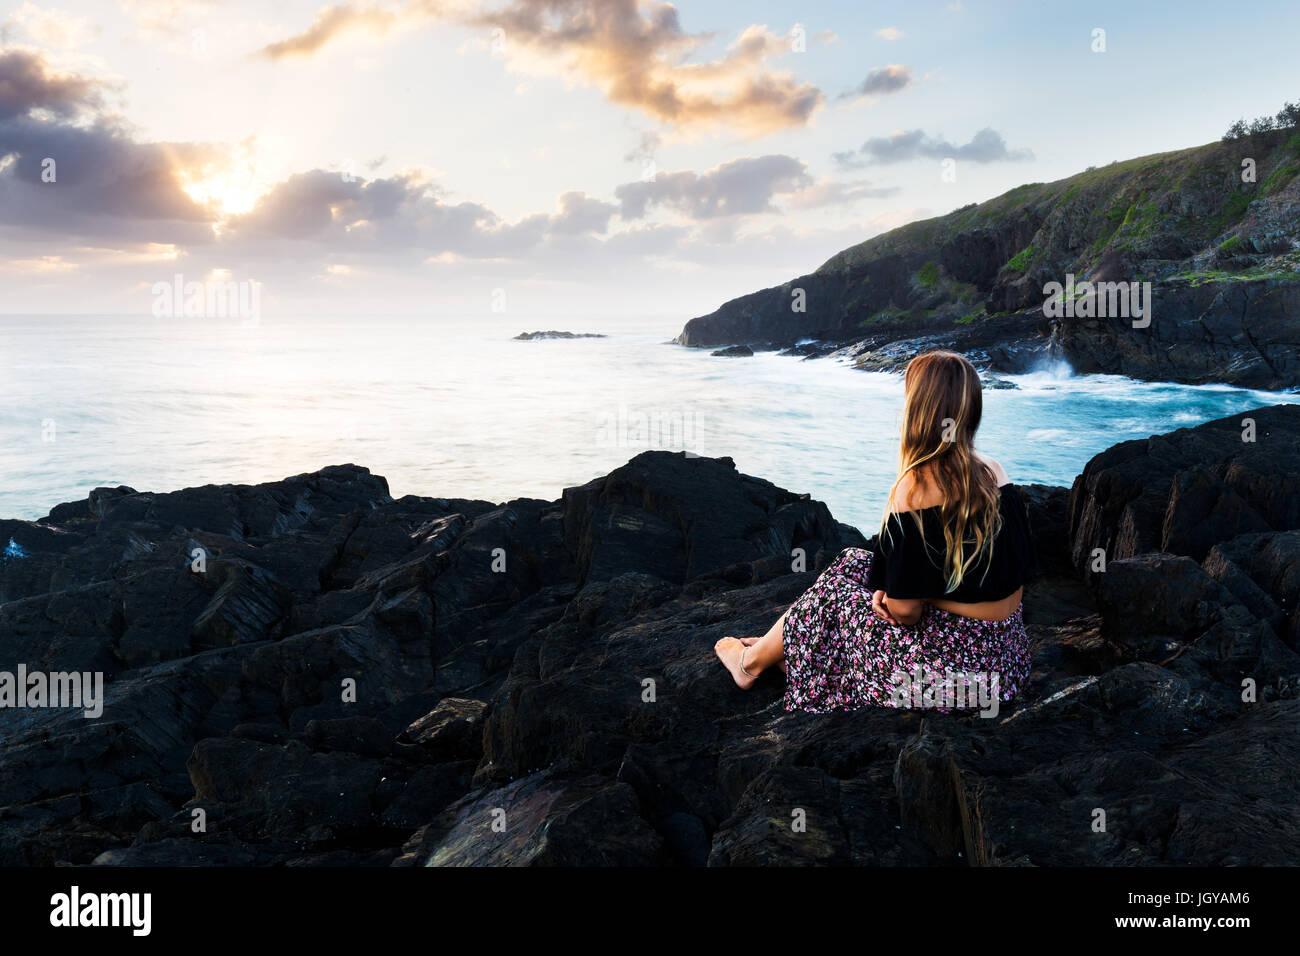 Ein schönes Bohème-Stil Mädchen sitzt auf einer felsigen Landzunge und Uhren die Morgensonne über Stockbild